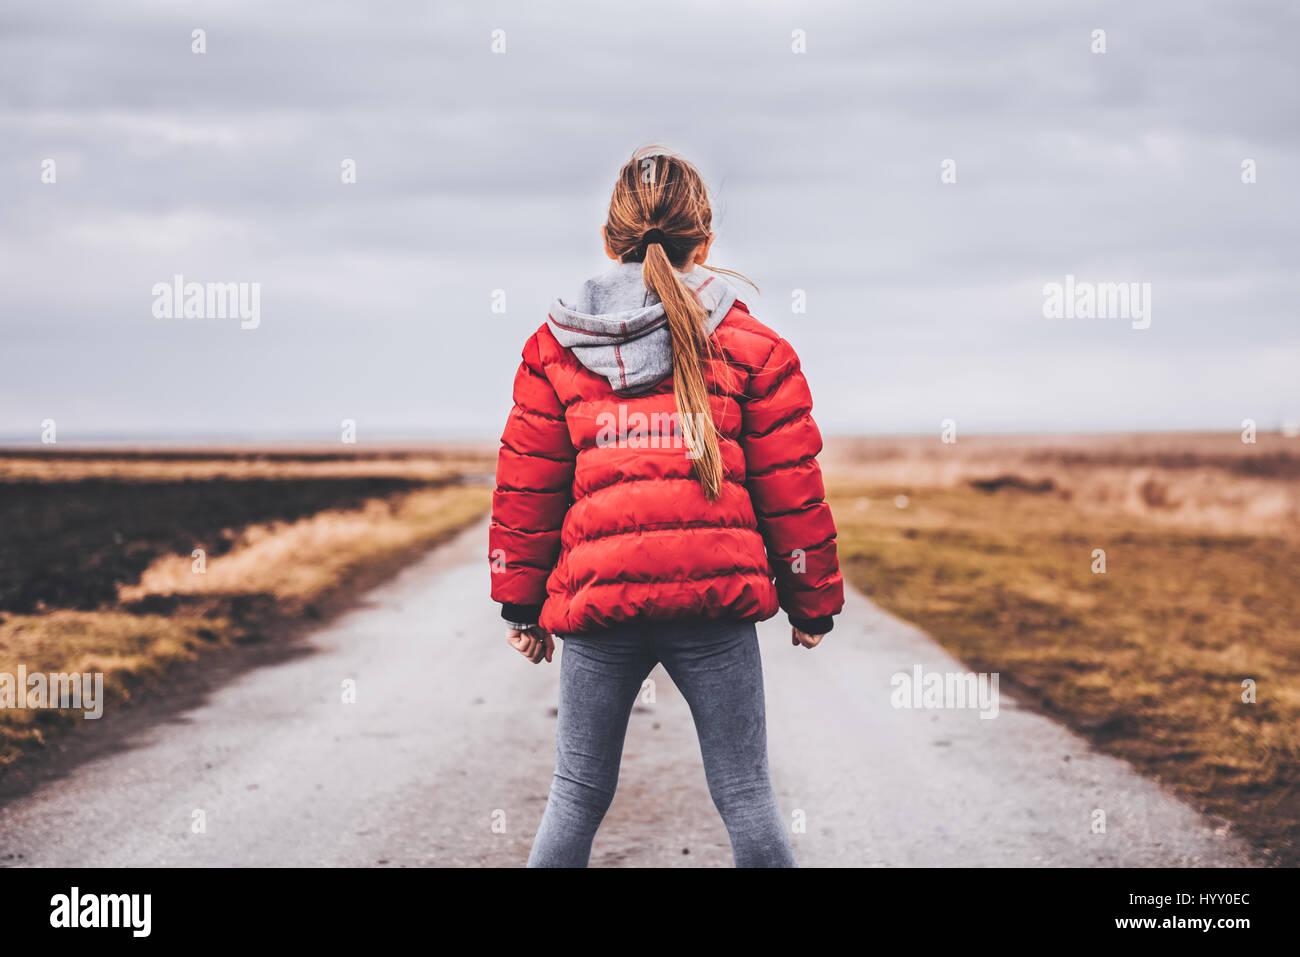 Vestida de chaqueta roja de pie solo en la carretera y mirando a distancia Imagen De Stock